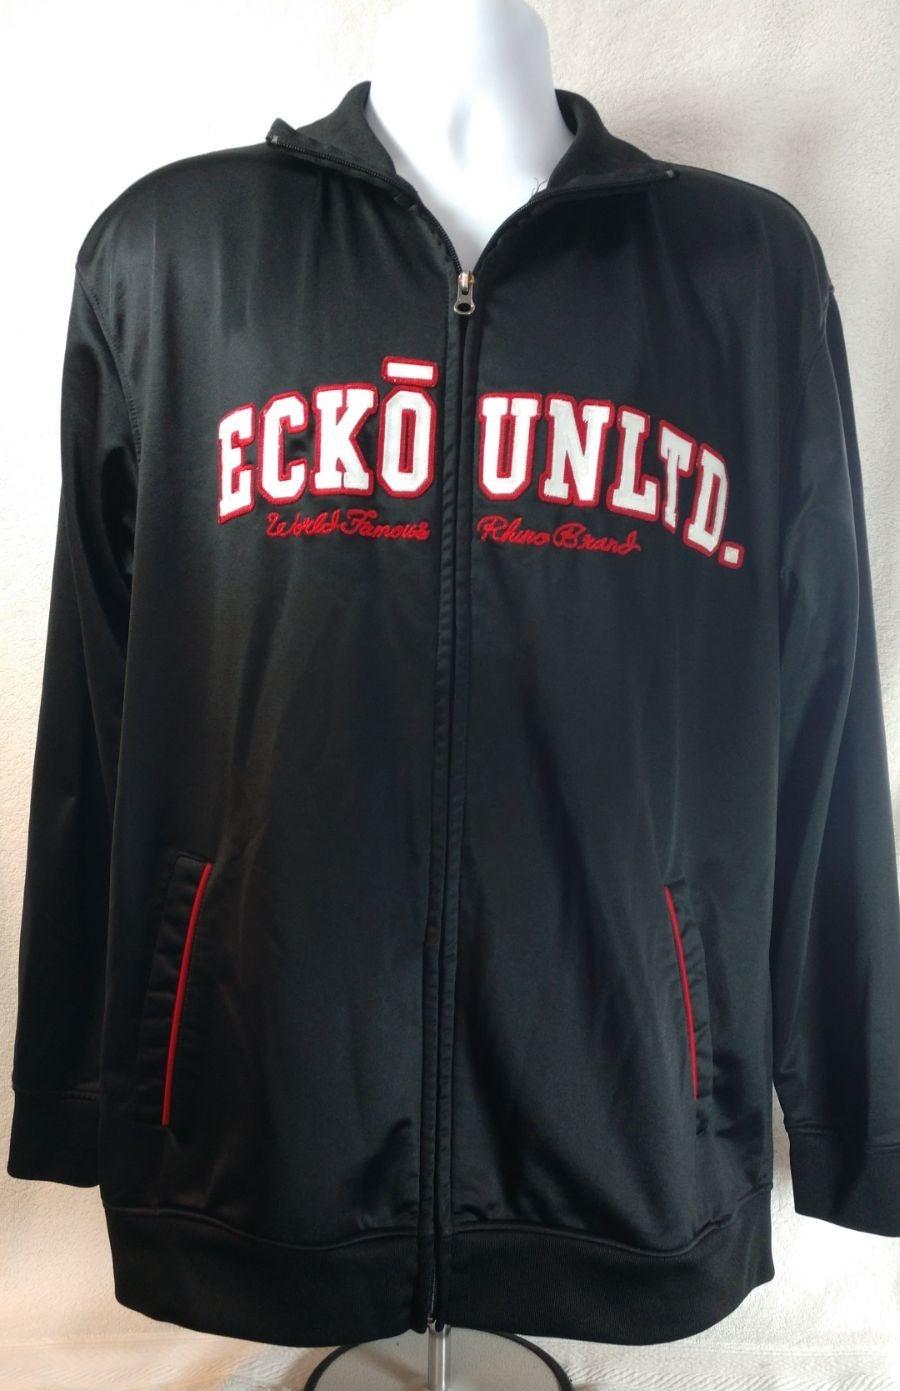 ECKO UNLTD Logo Black Athletic Jacket